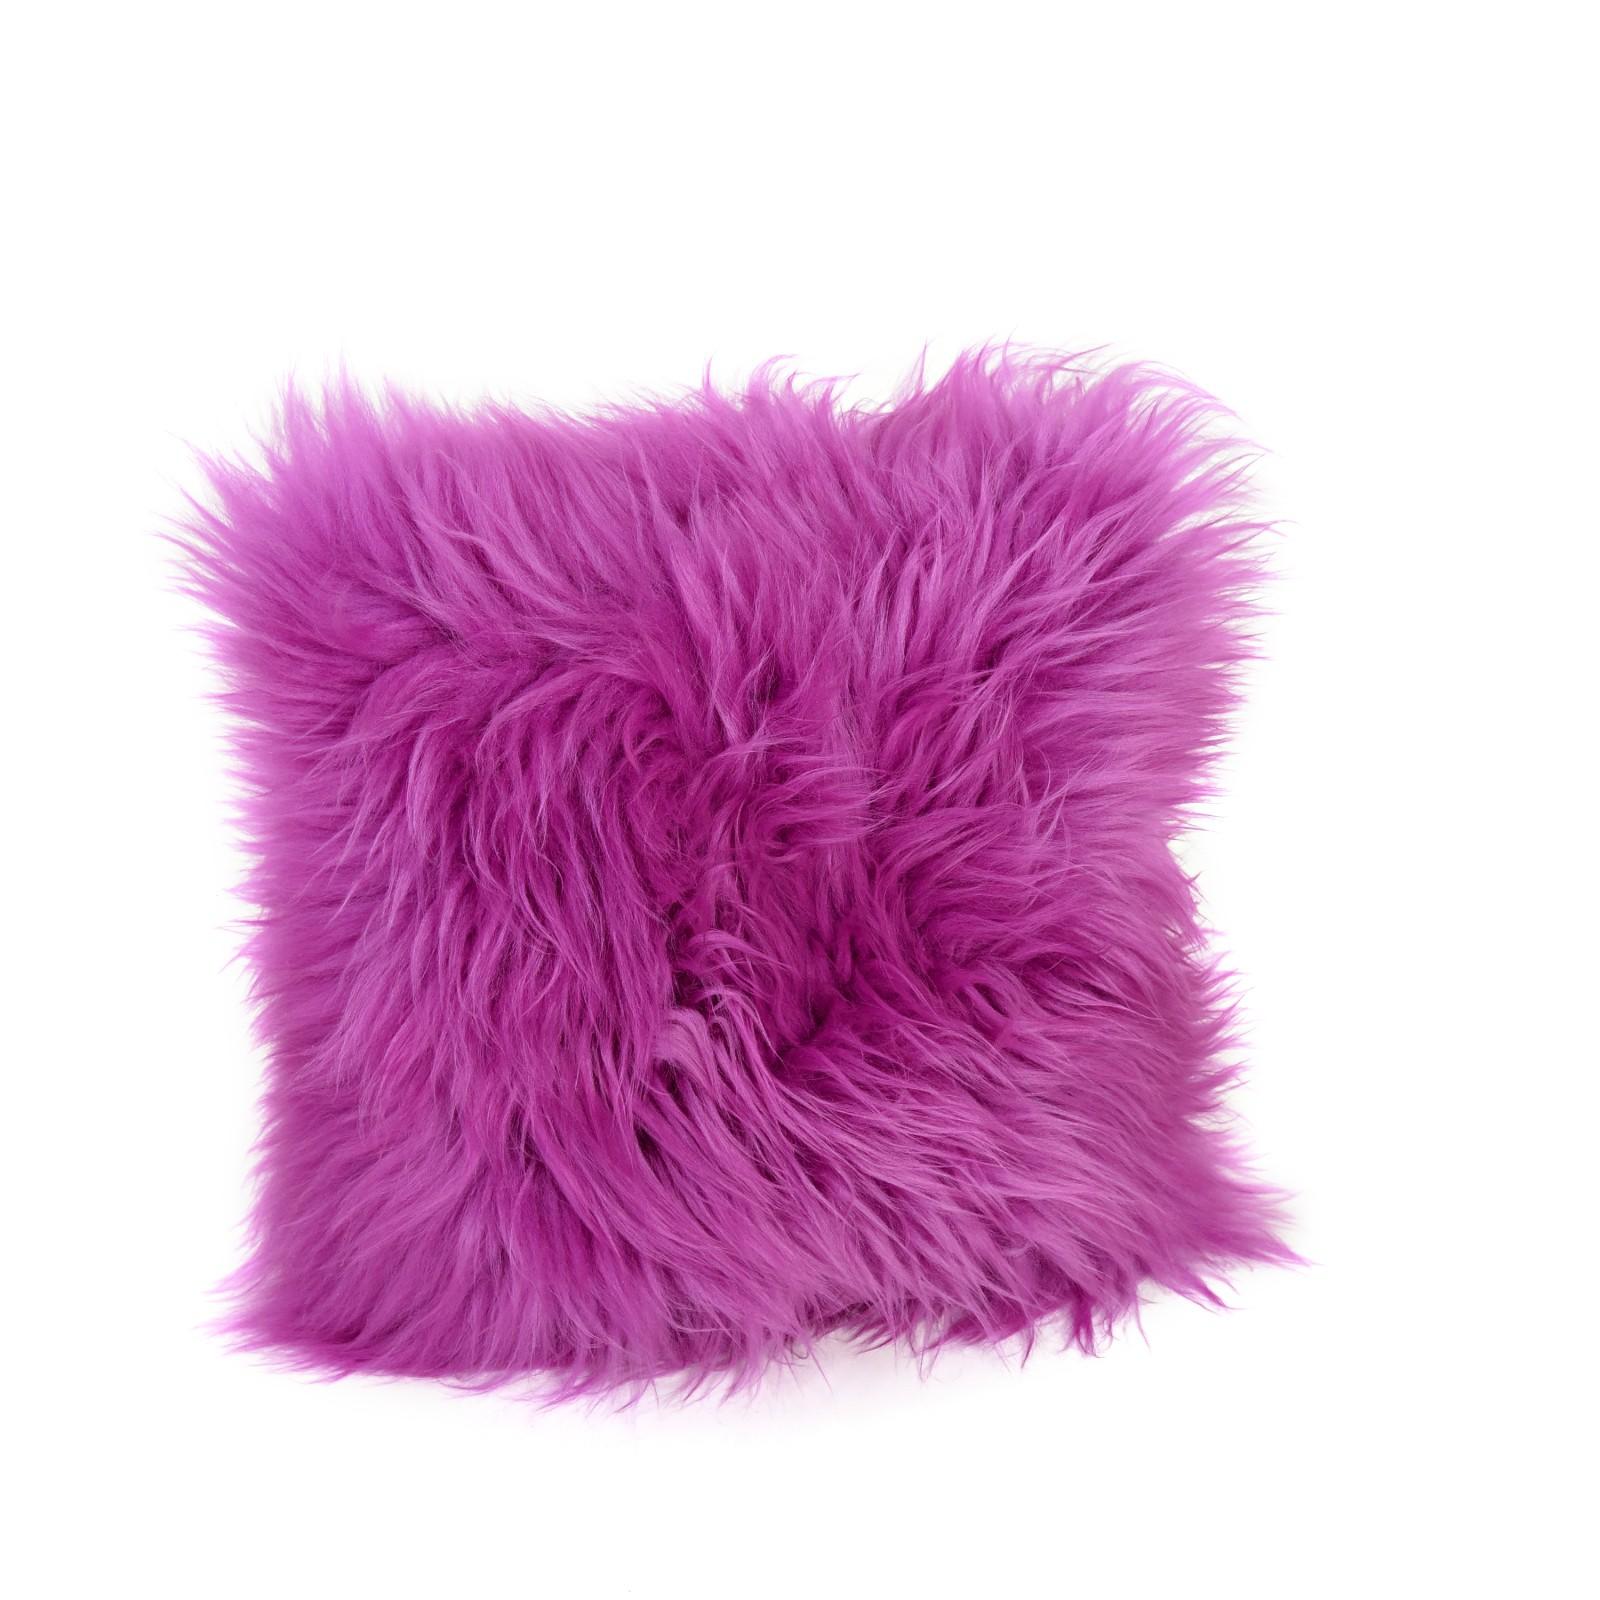 Square Sheepskin Cushion in Cerise